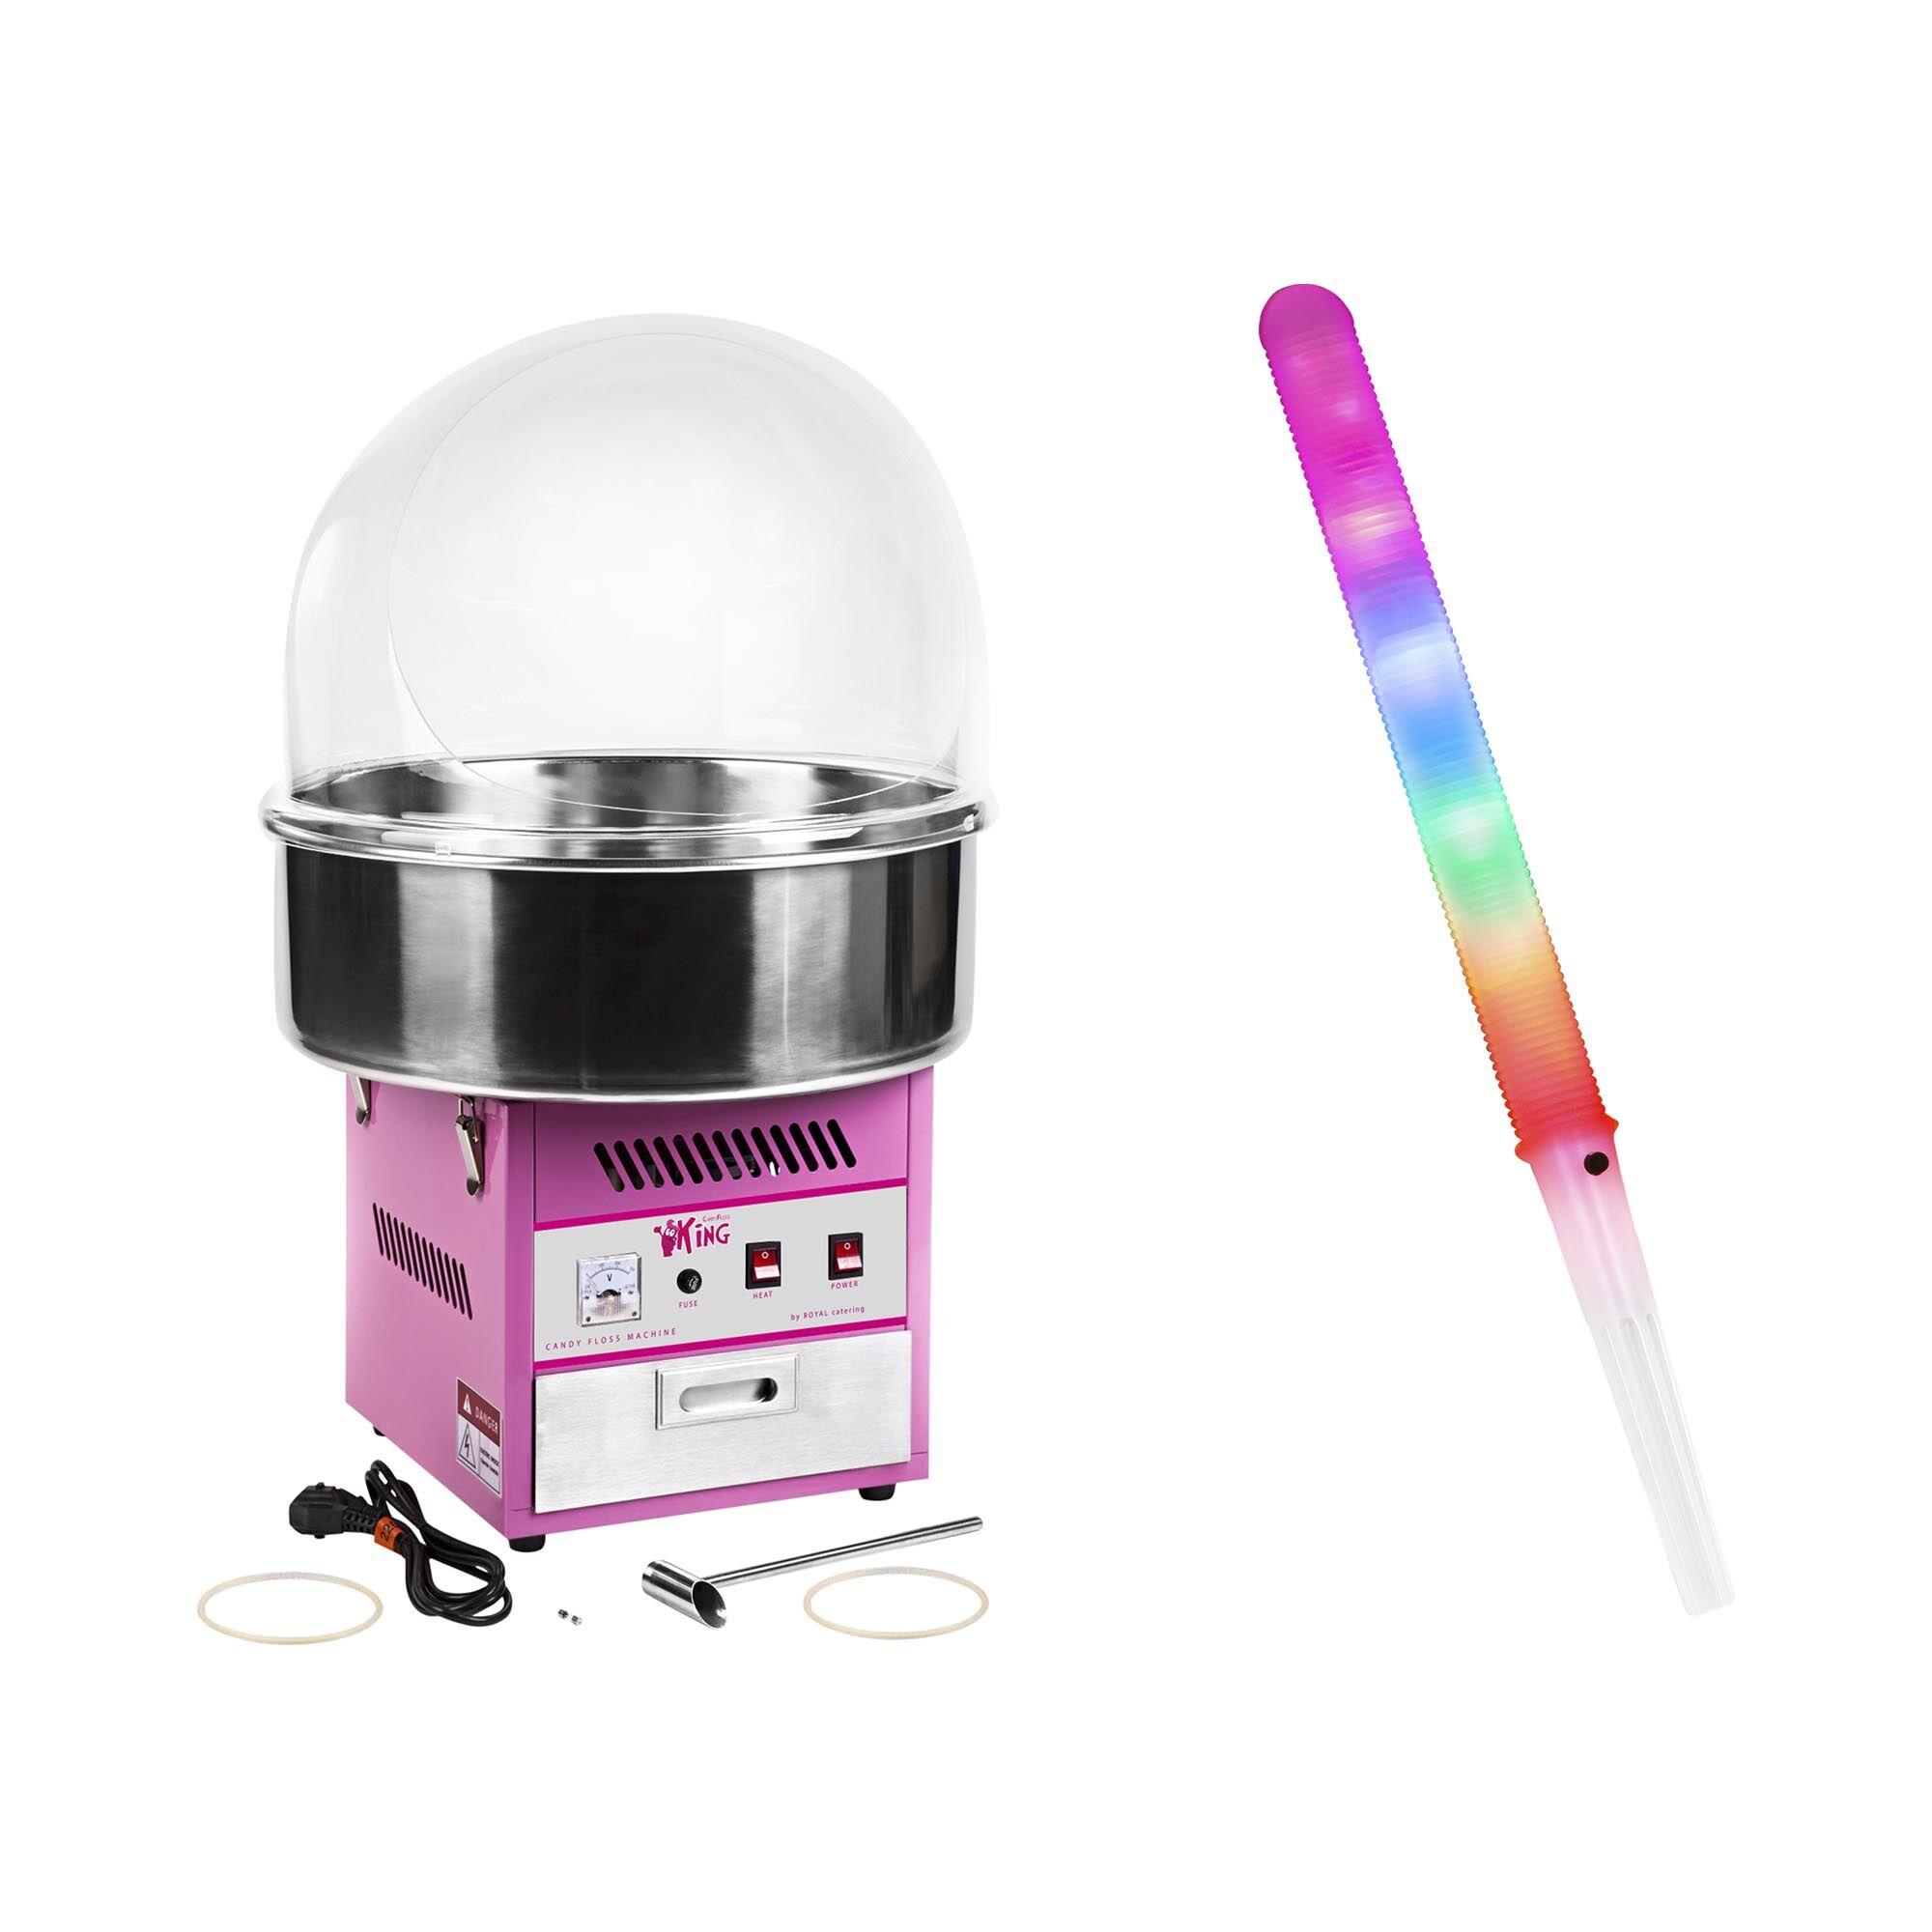 Royal Catering Zuckerwattemaschine Set mit Zuckerwattestäbchen LED - 52 cm - 1.200 W - Spuckschutz - 50 Stk. 18000321